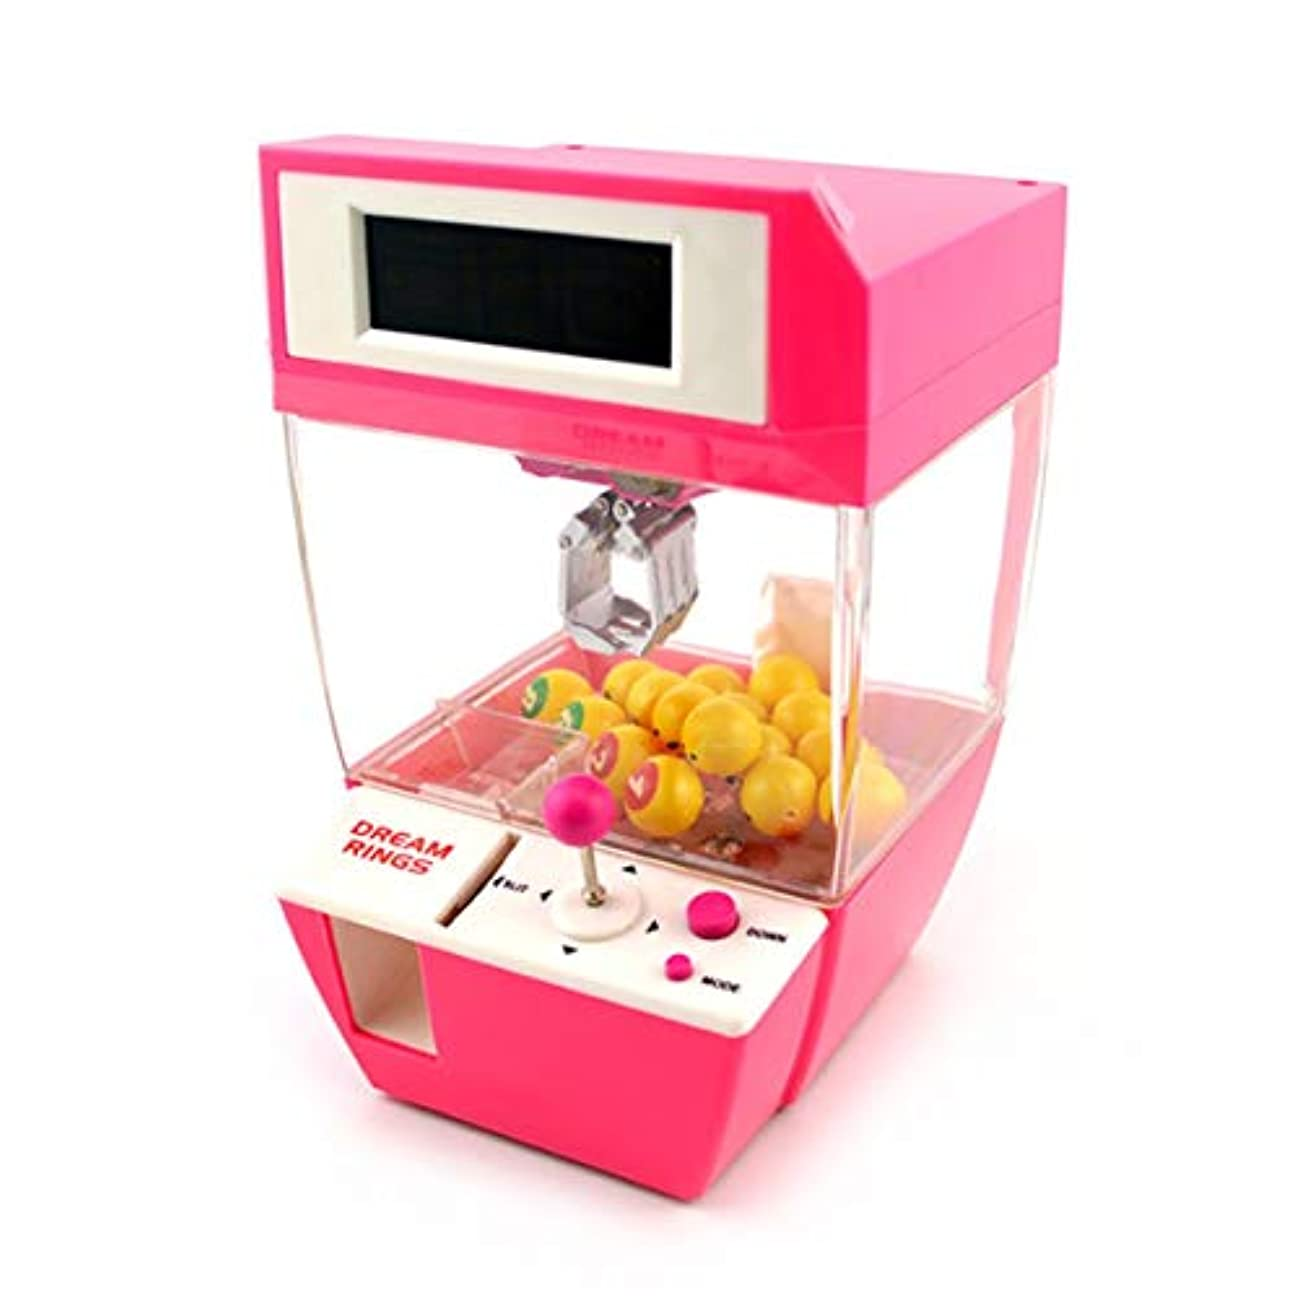 アラブ人満足させる飛躍コイン式キャンディーグラバーボールキャッチャーボードゲーム楽しいおもちゃミニクレーン爪機付き目覚まし時計機能付き子供ピンク-1サイズ